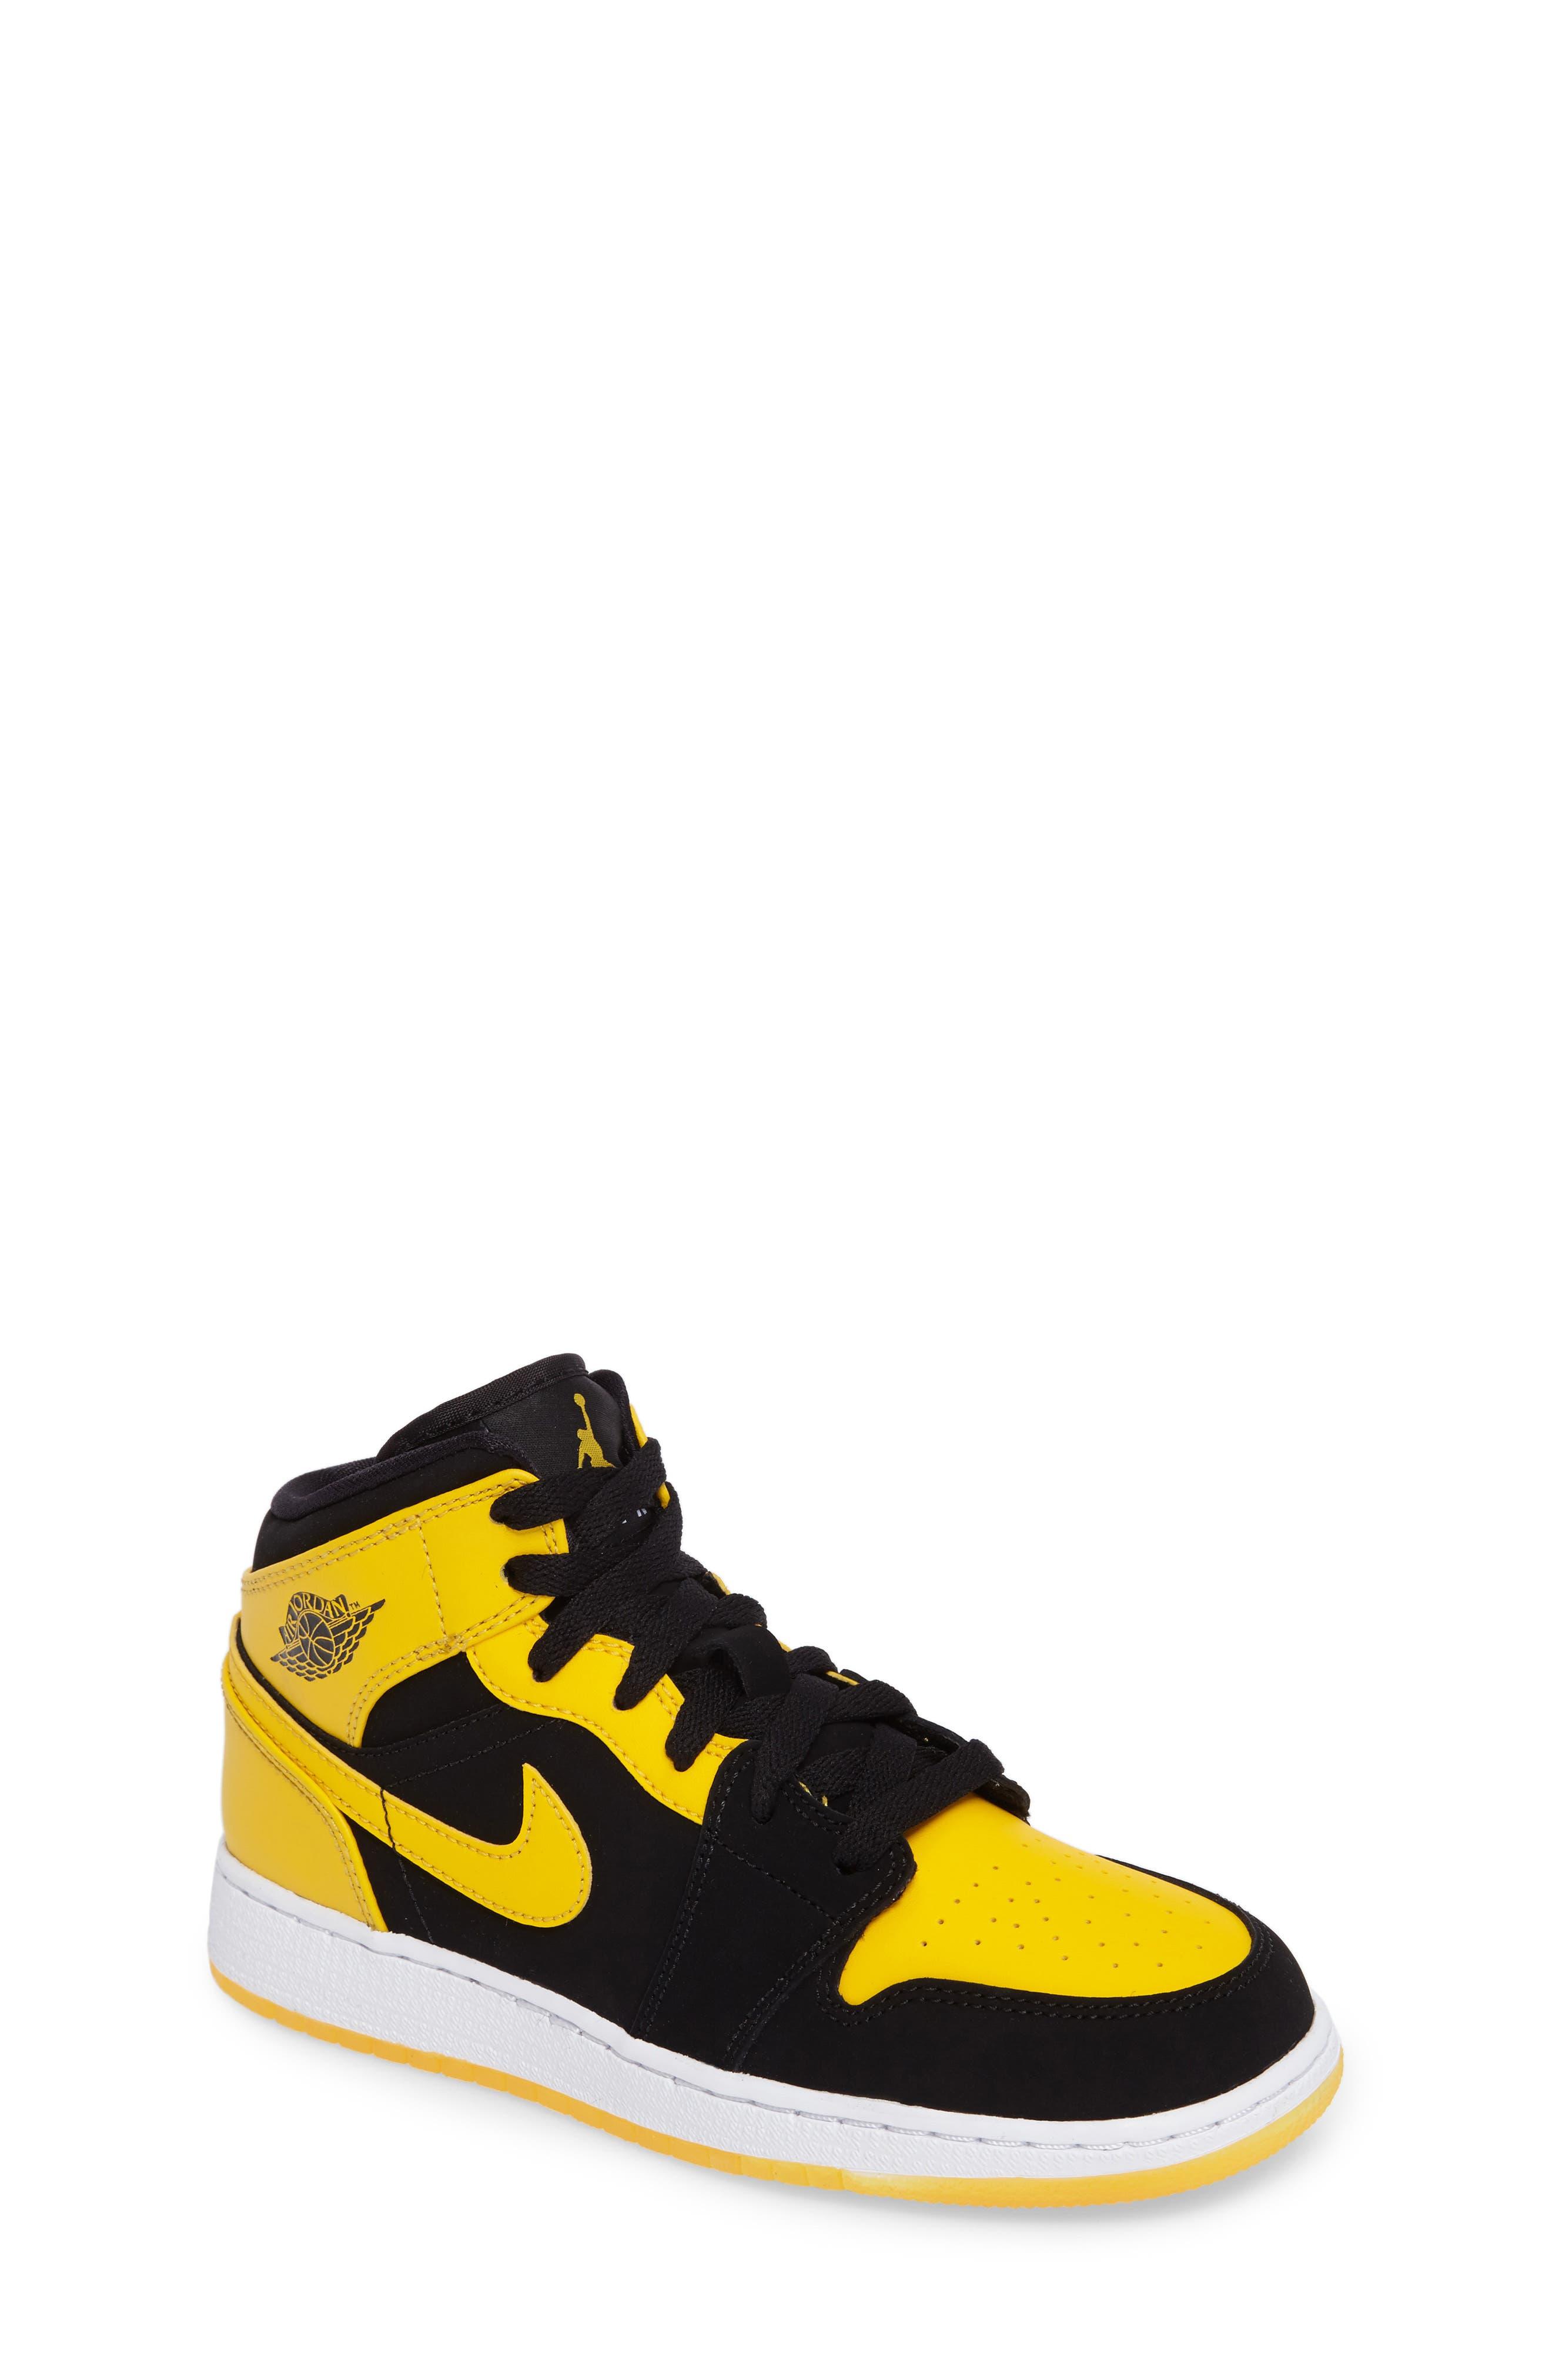 reputable site 252b0 54046 ... real big kids air jordan sneakers cb3bc 68d30 ...